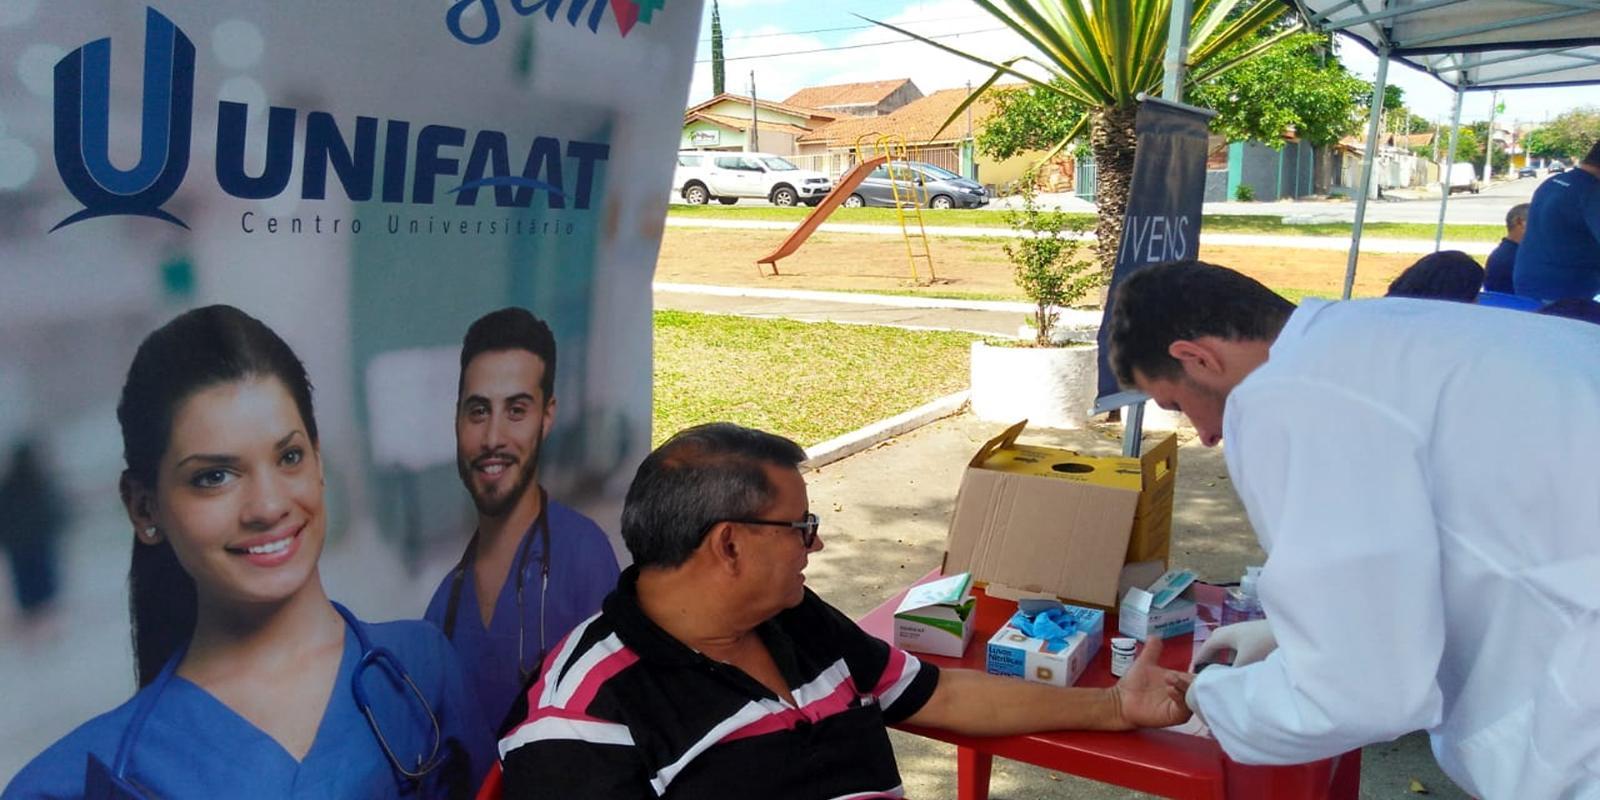 UNIFAAT participa da programação Novembro Azul da Prefeitura de Atibaia